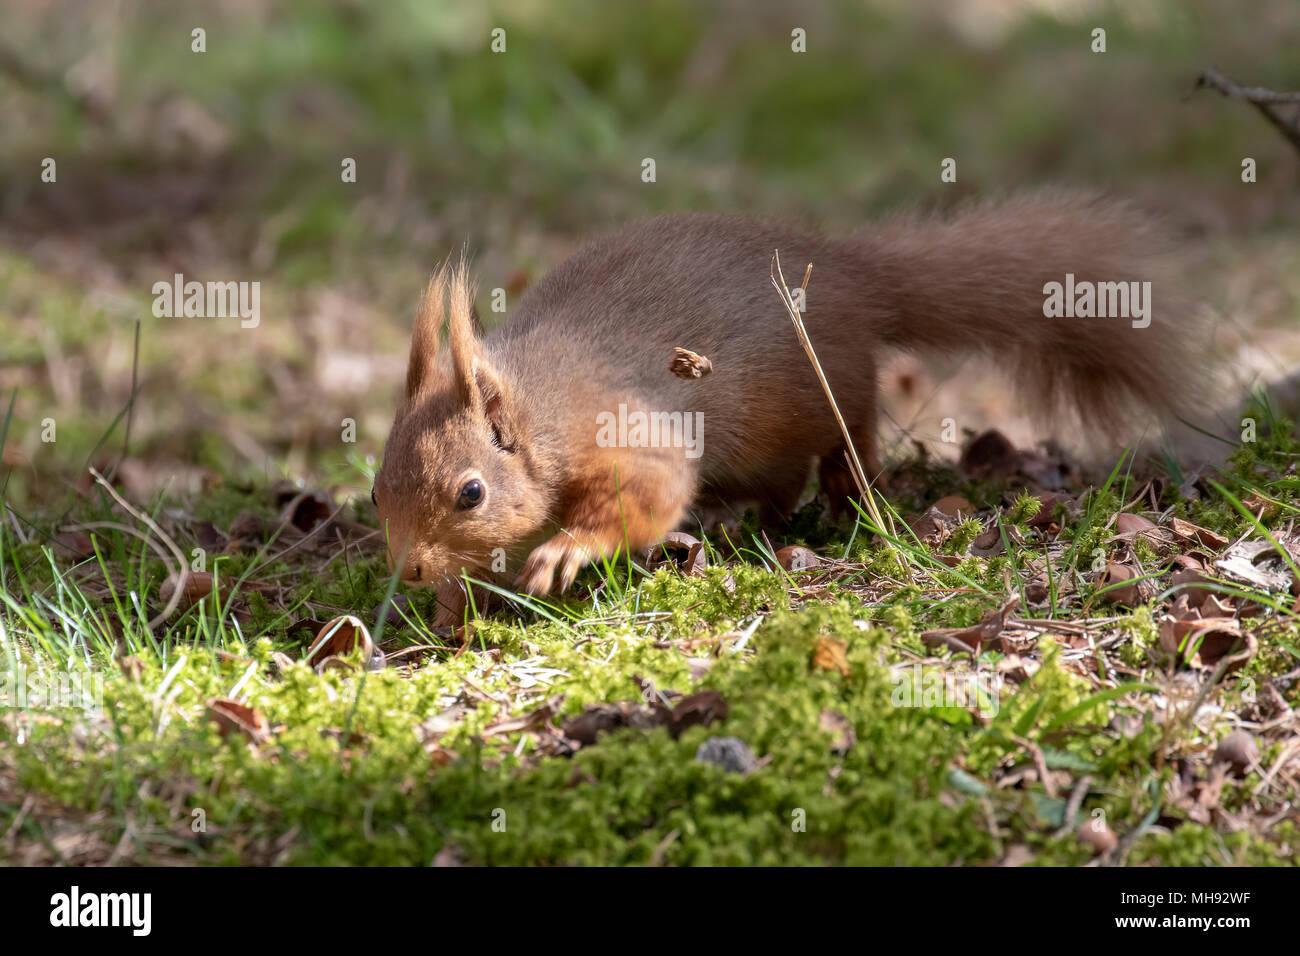 La ardilla roja, Sciurus vulgaris, silueta sentada en brezo y hierba en los bosques de cairngorms national, Escocia comer nueces Foto de stock